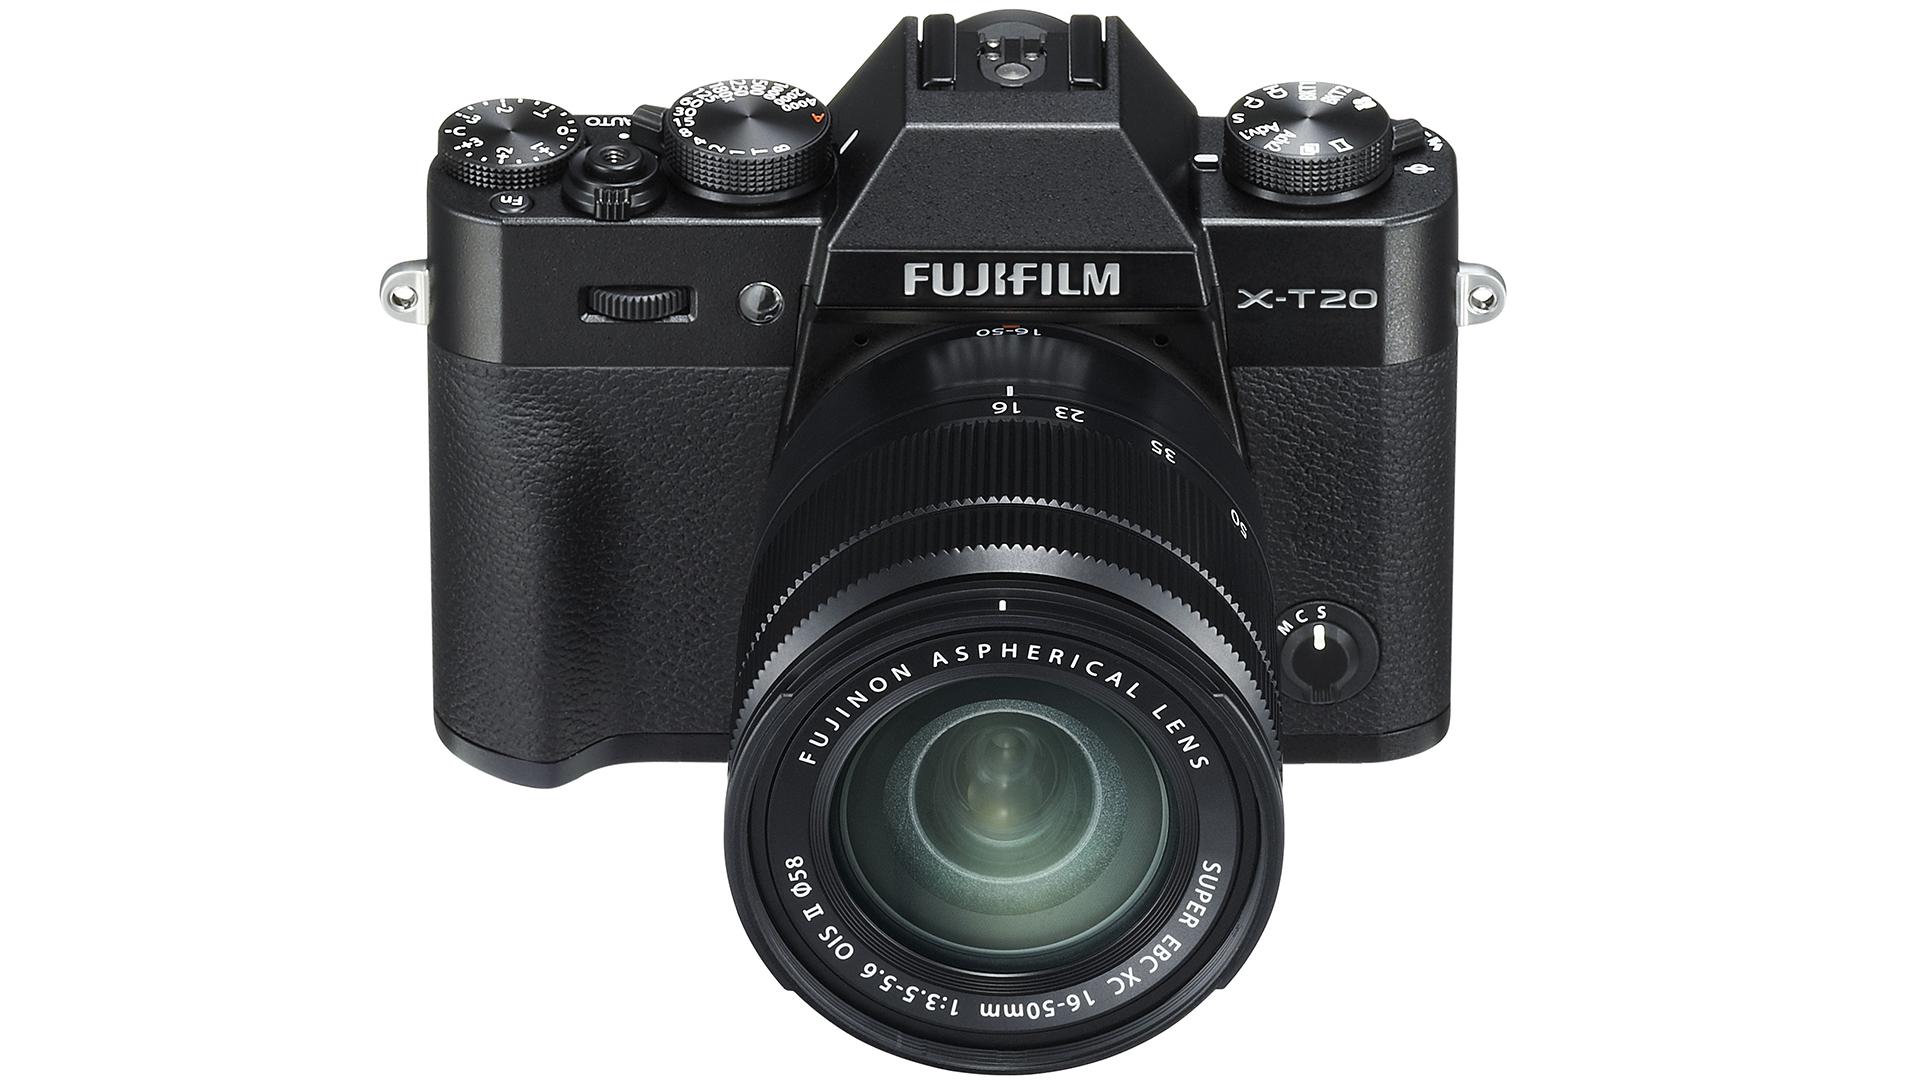 fujifilm-x-t20-007